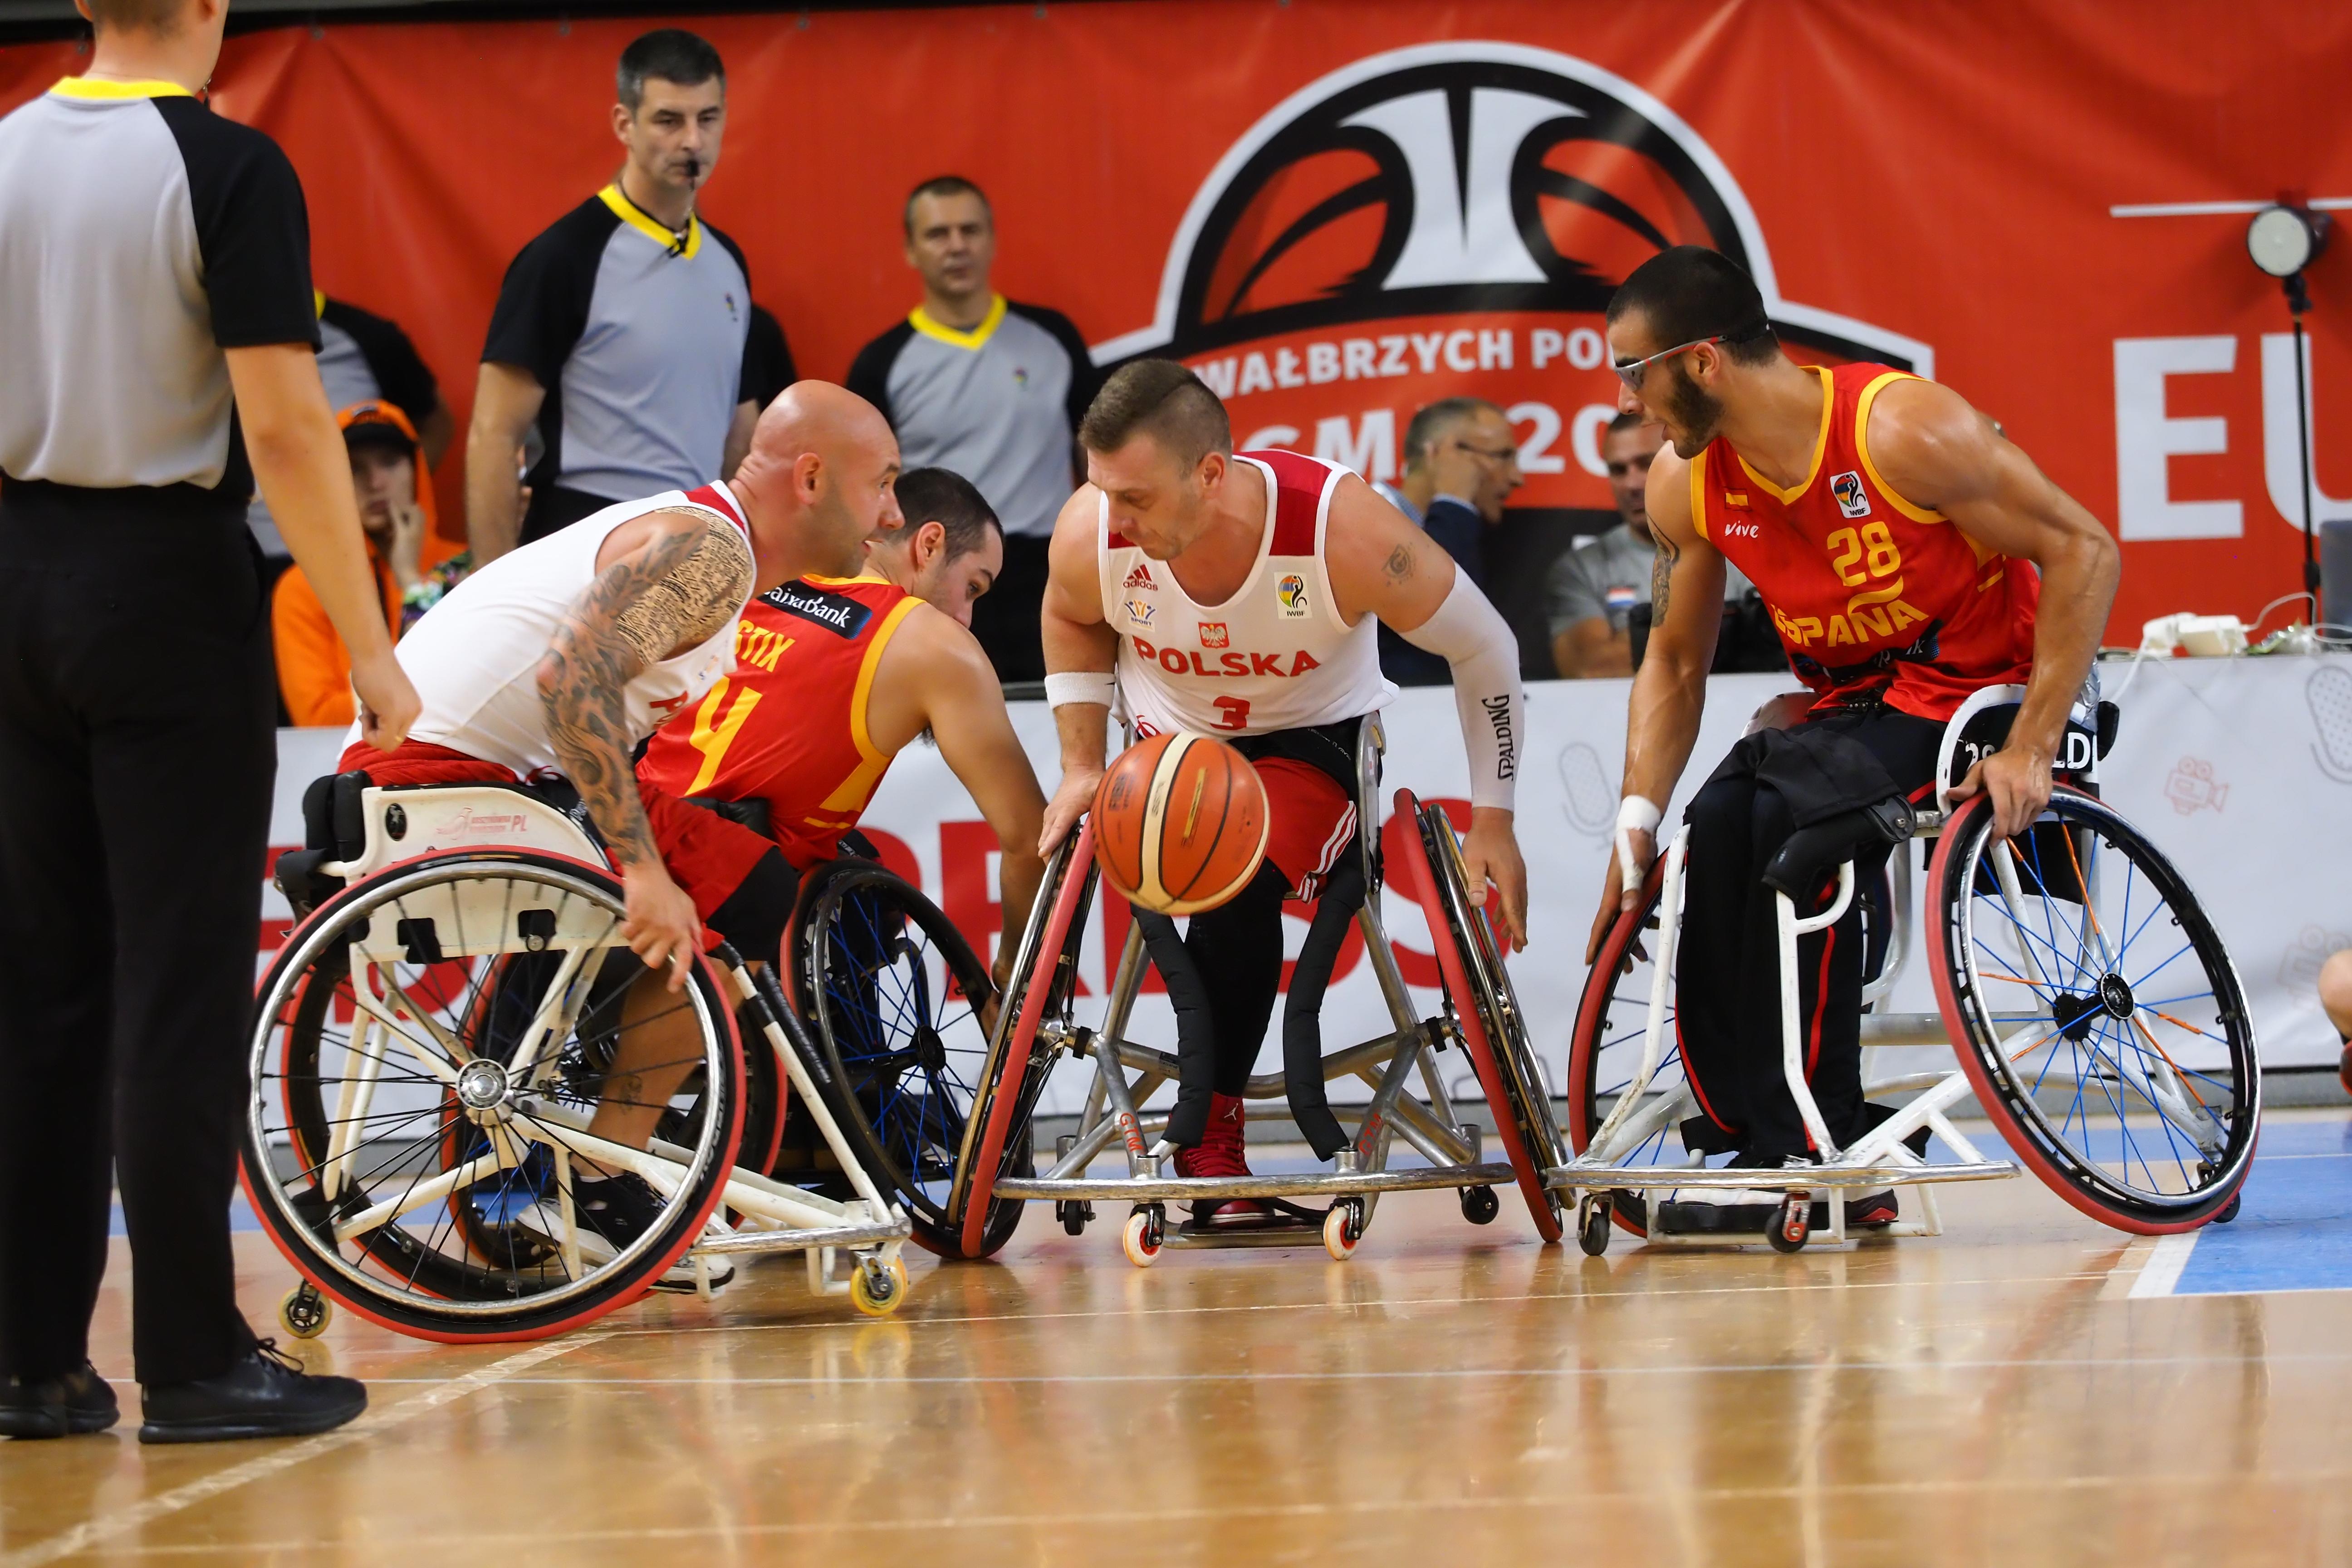 Hiszpania za mocna, Polska poza strefą medalową